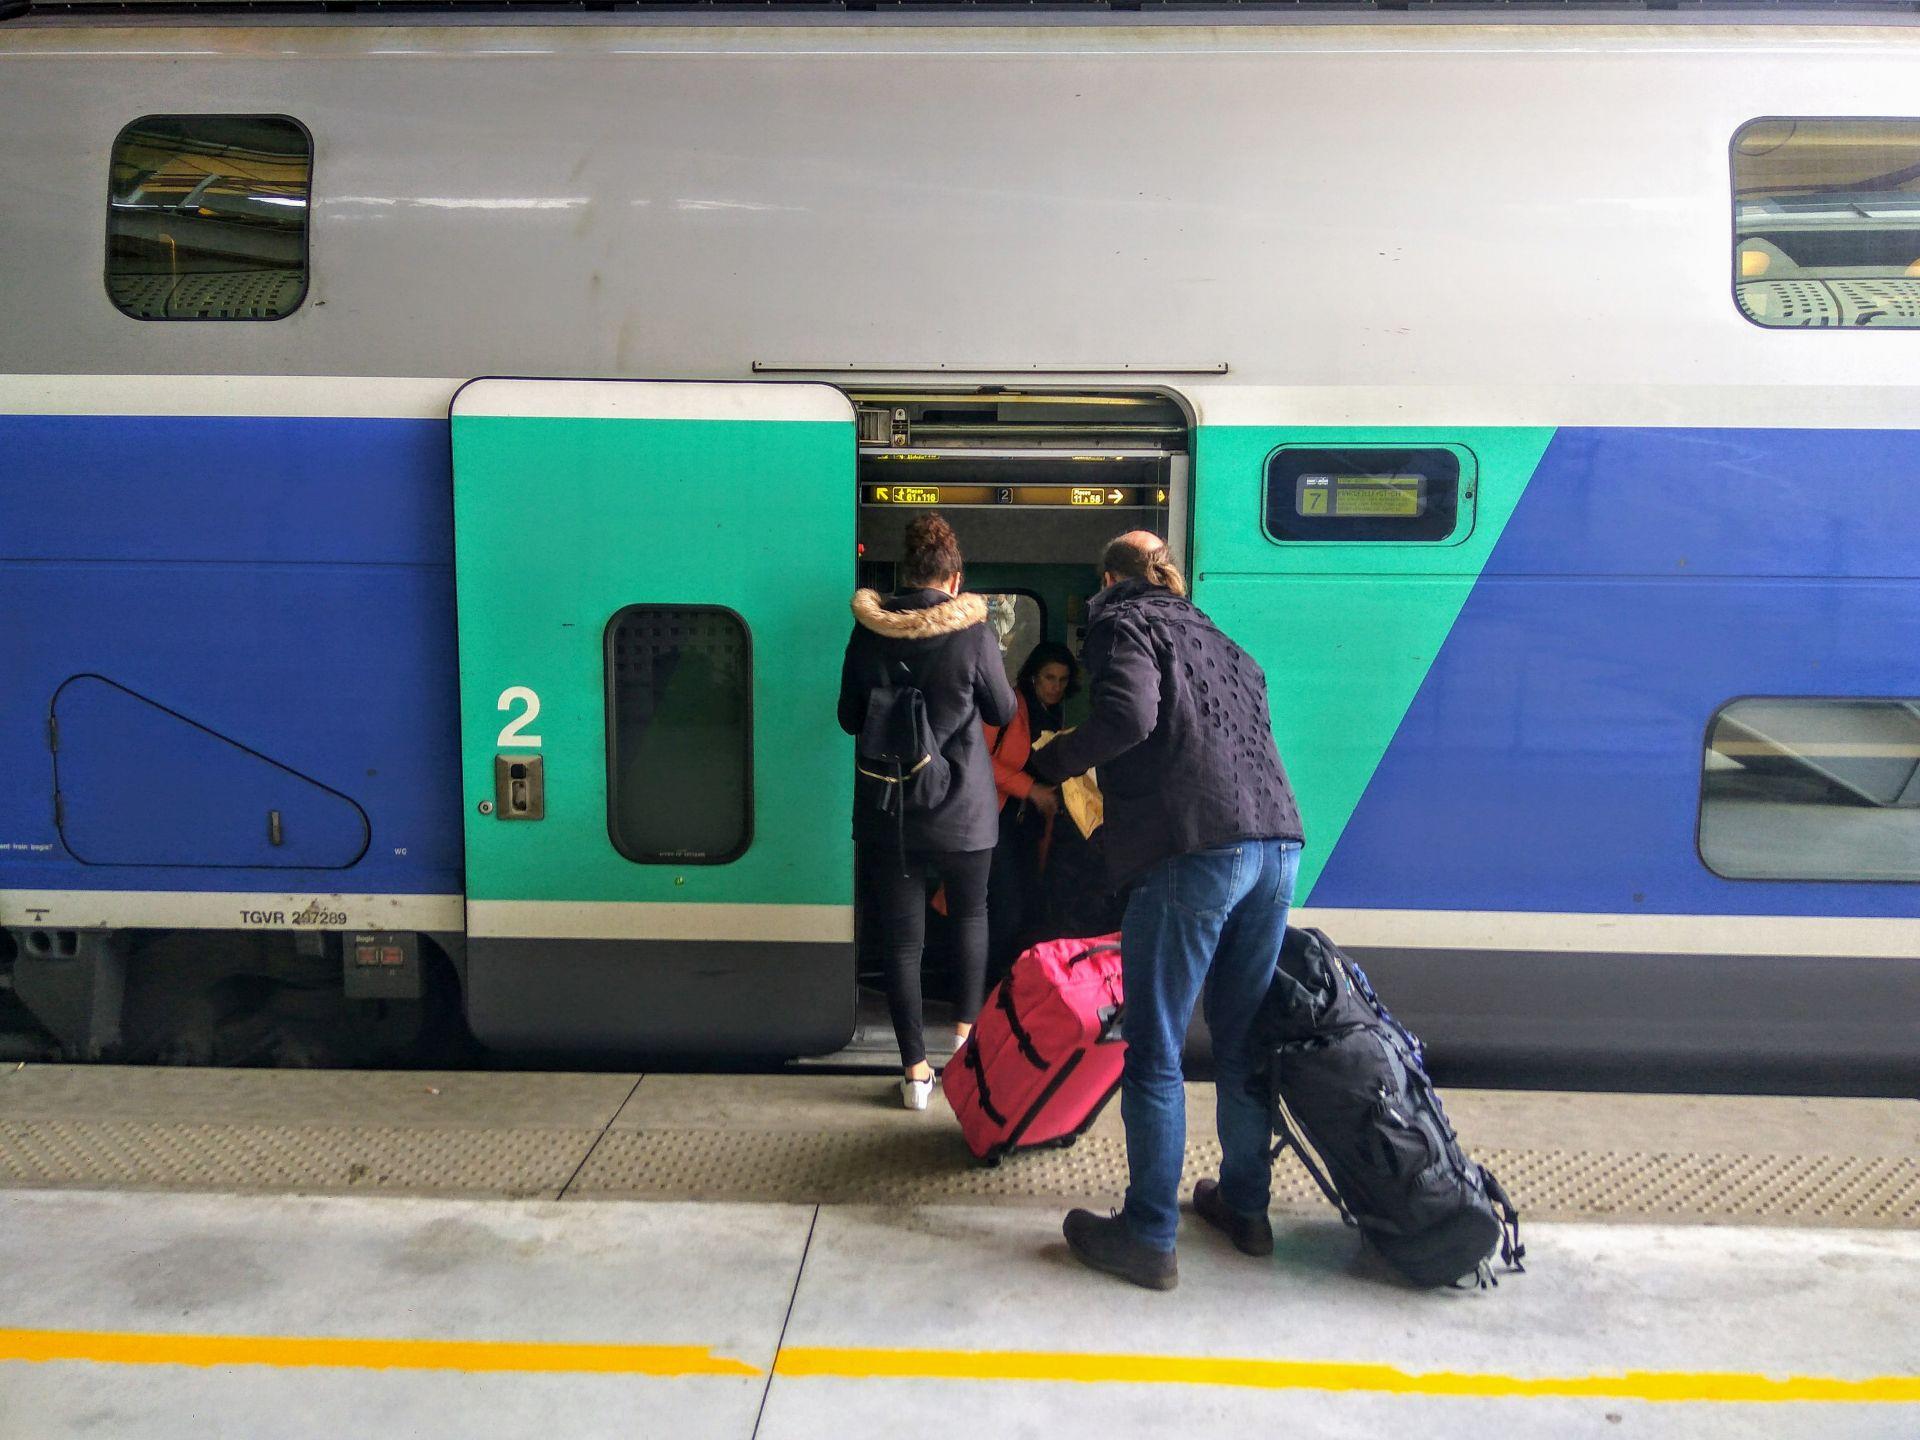 Nástup do dvoupodlažních jednotek TGV Duplex. Foto: Jan Sůra